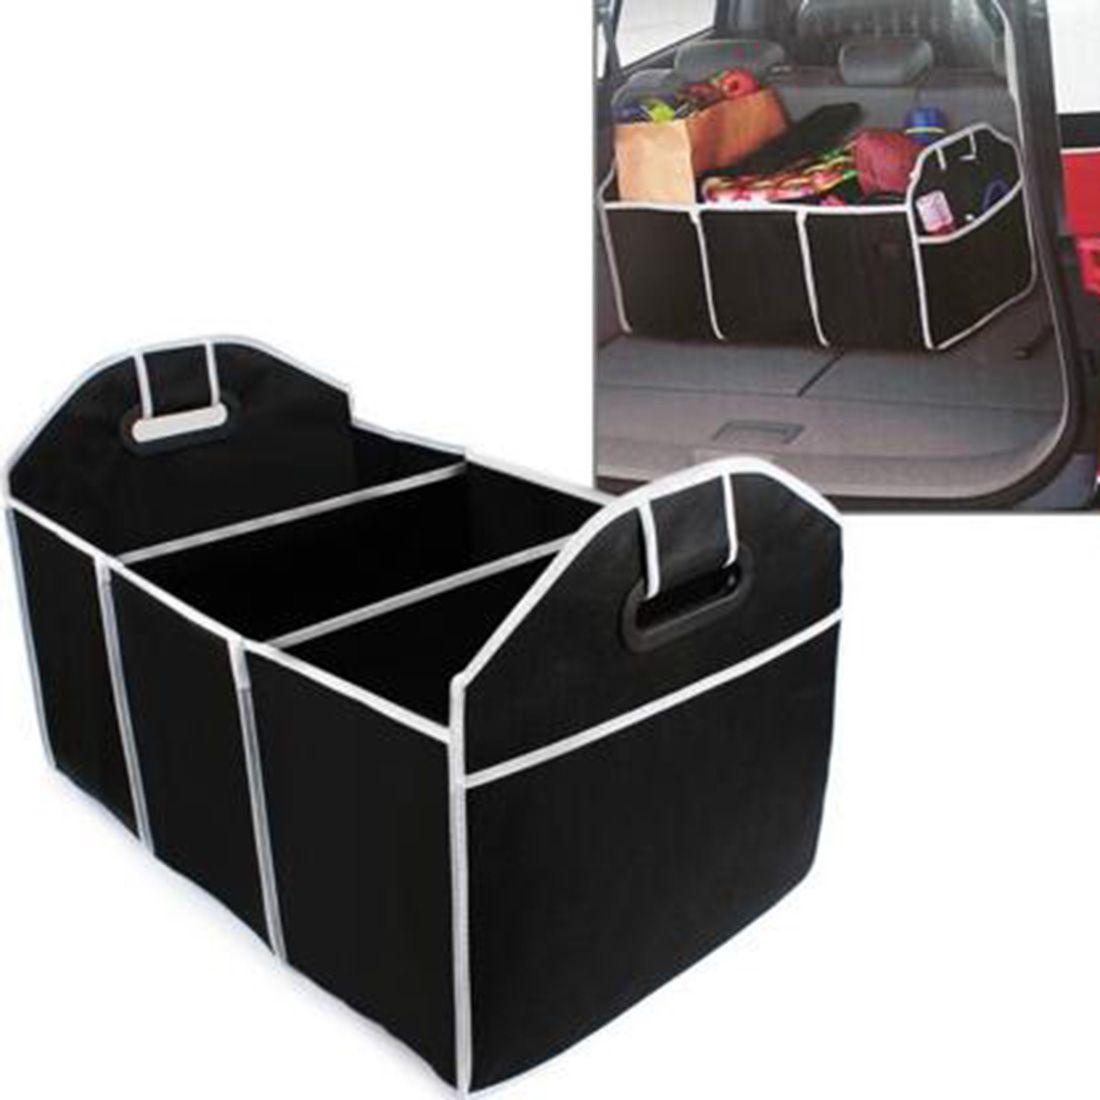 box pour coffre de voiture Sac pour coffre de voiture en polyester /à fond stable box pliante Boite de rangement pliante box pour accesoires de voiture.